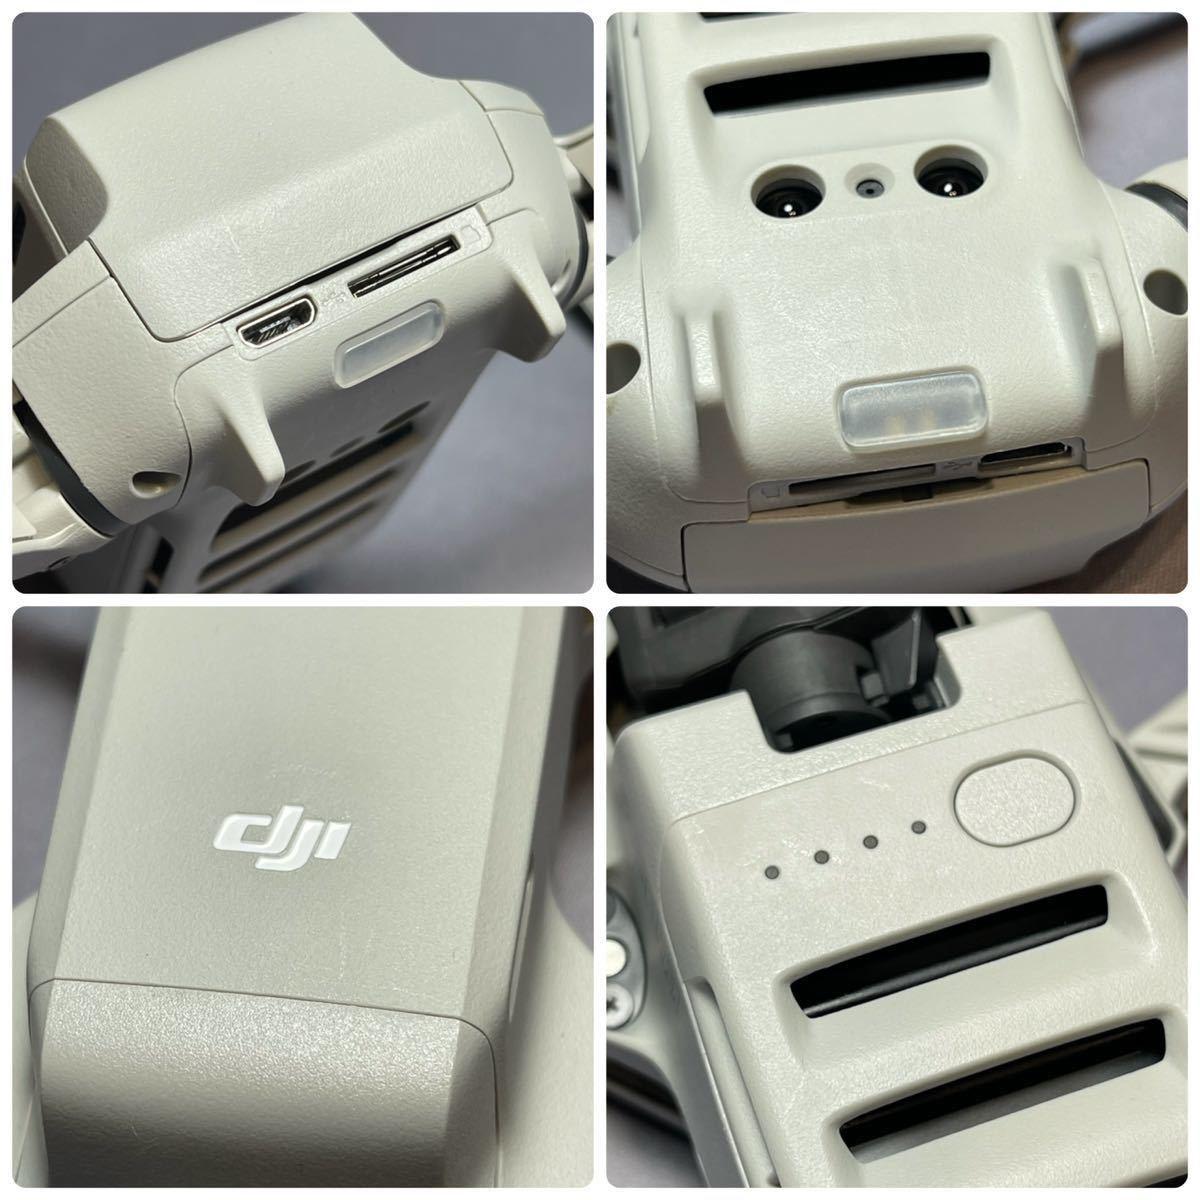 【美品】DJI MAVIC MINI ドローン 本体のみ 付属品無し 国内正規品 マビックミニ 完全動作品 B